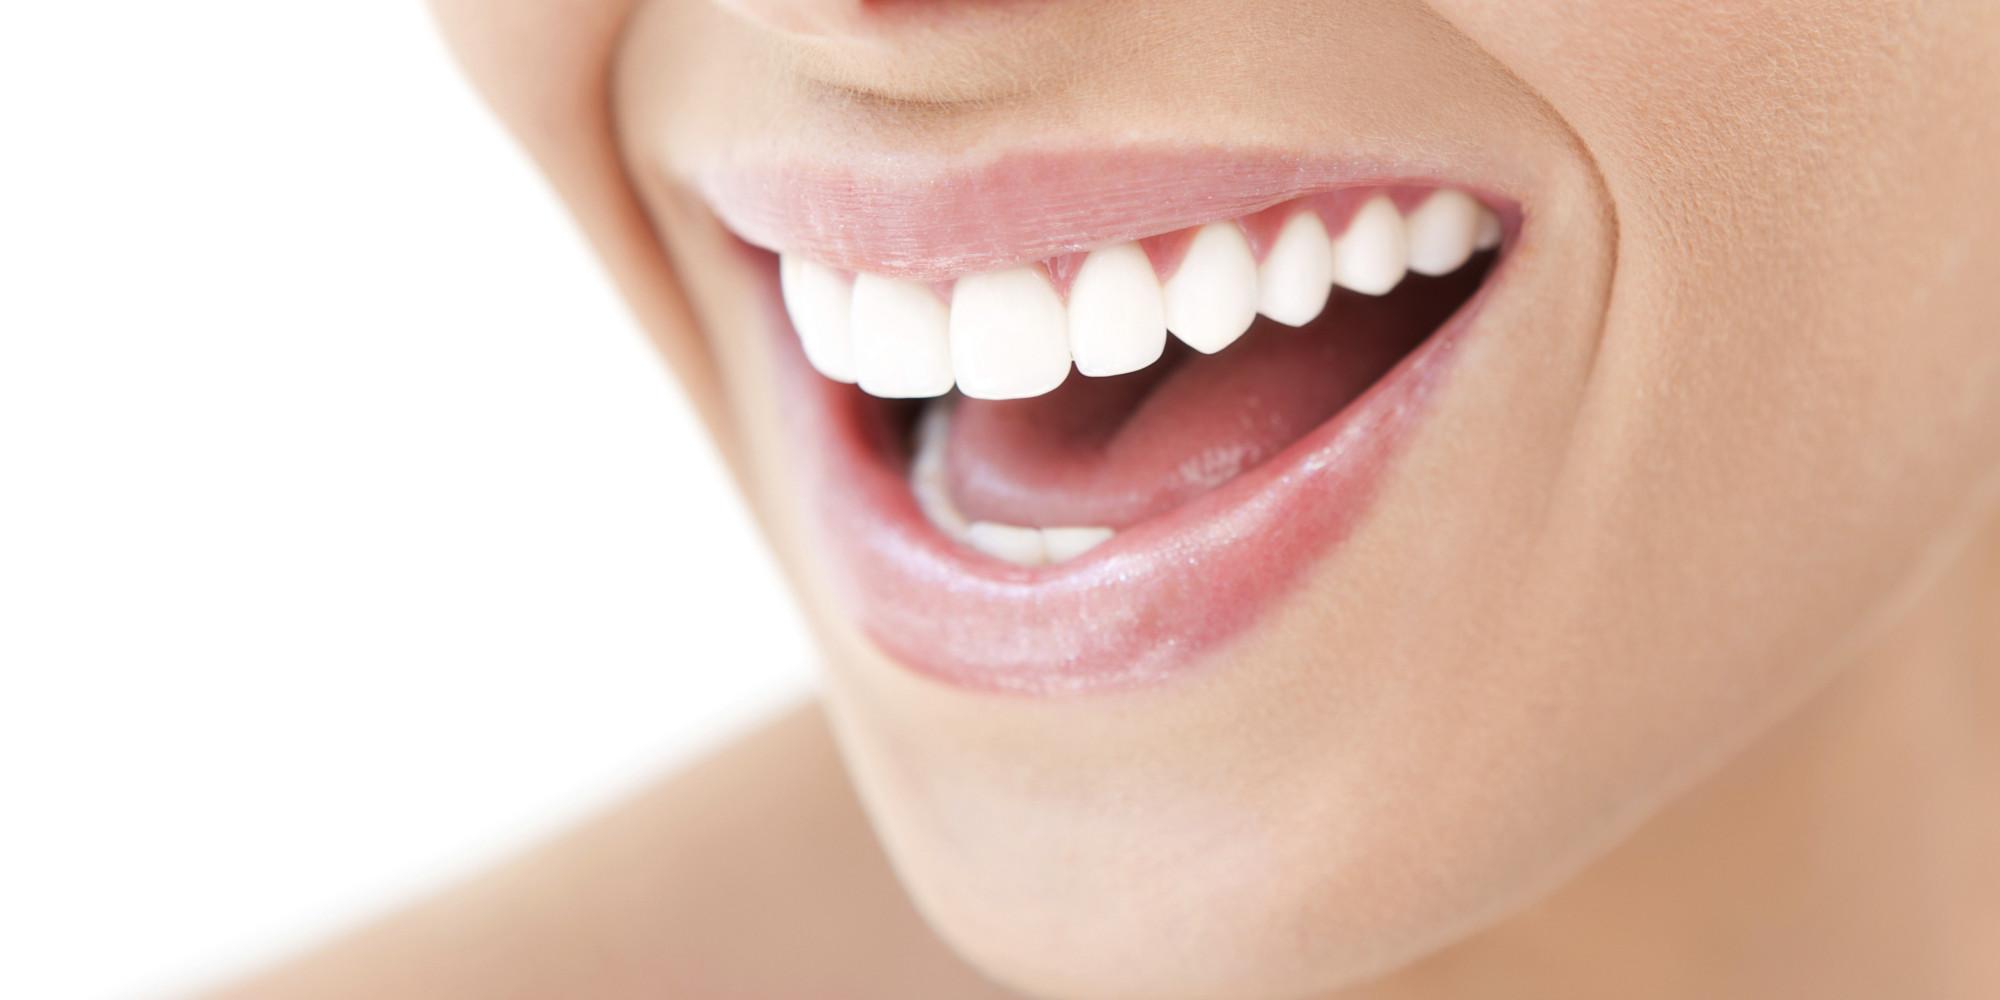 O woman open mouth smile facebook